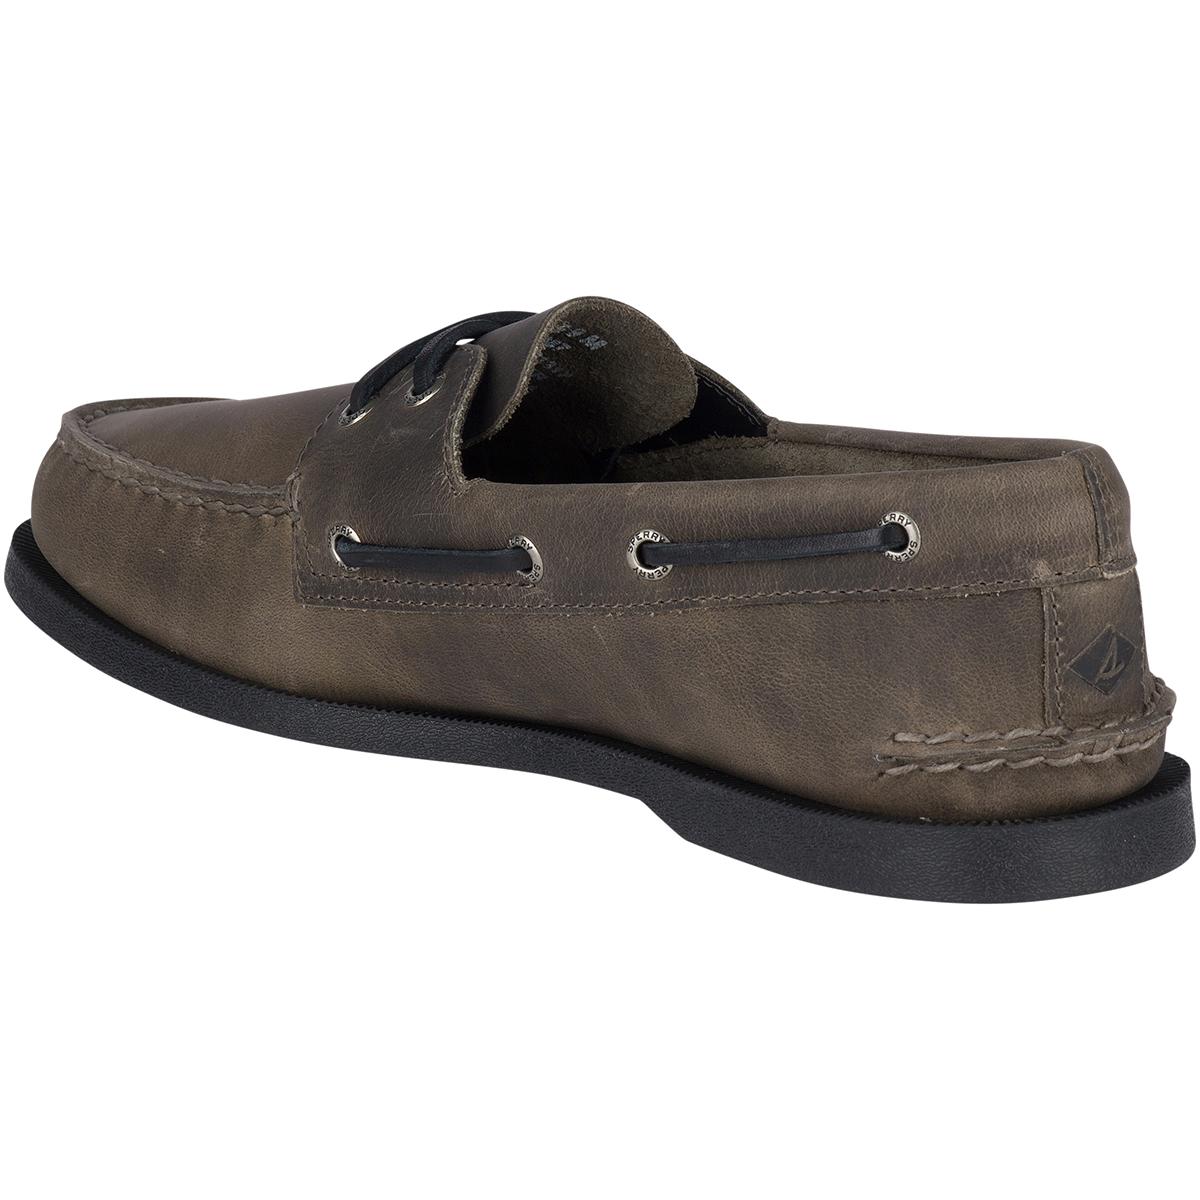 Authentic Original Richtown Boat Shoes